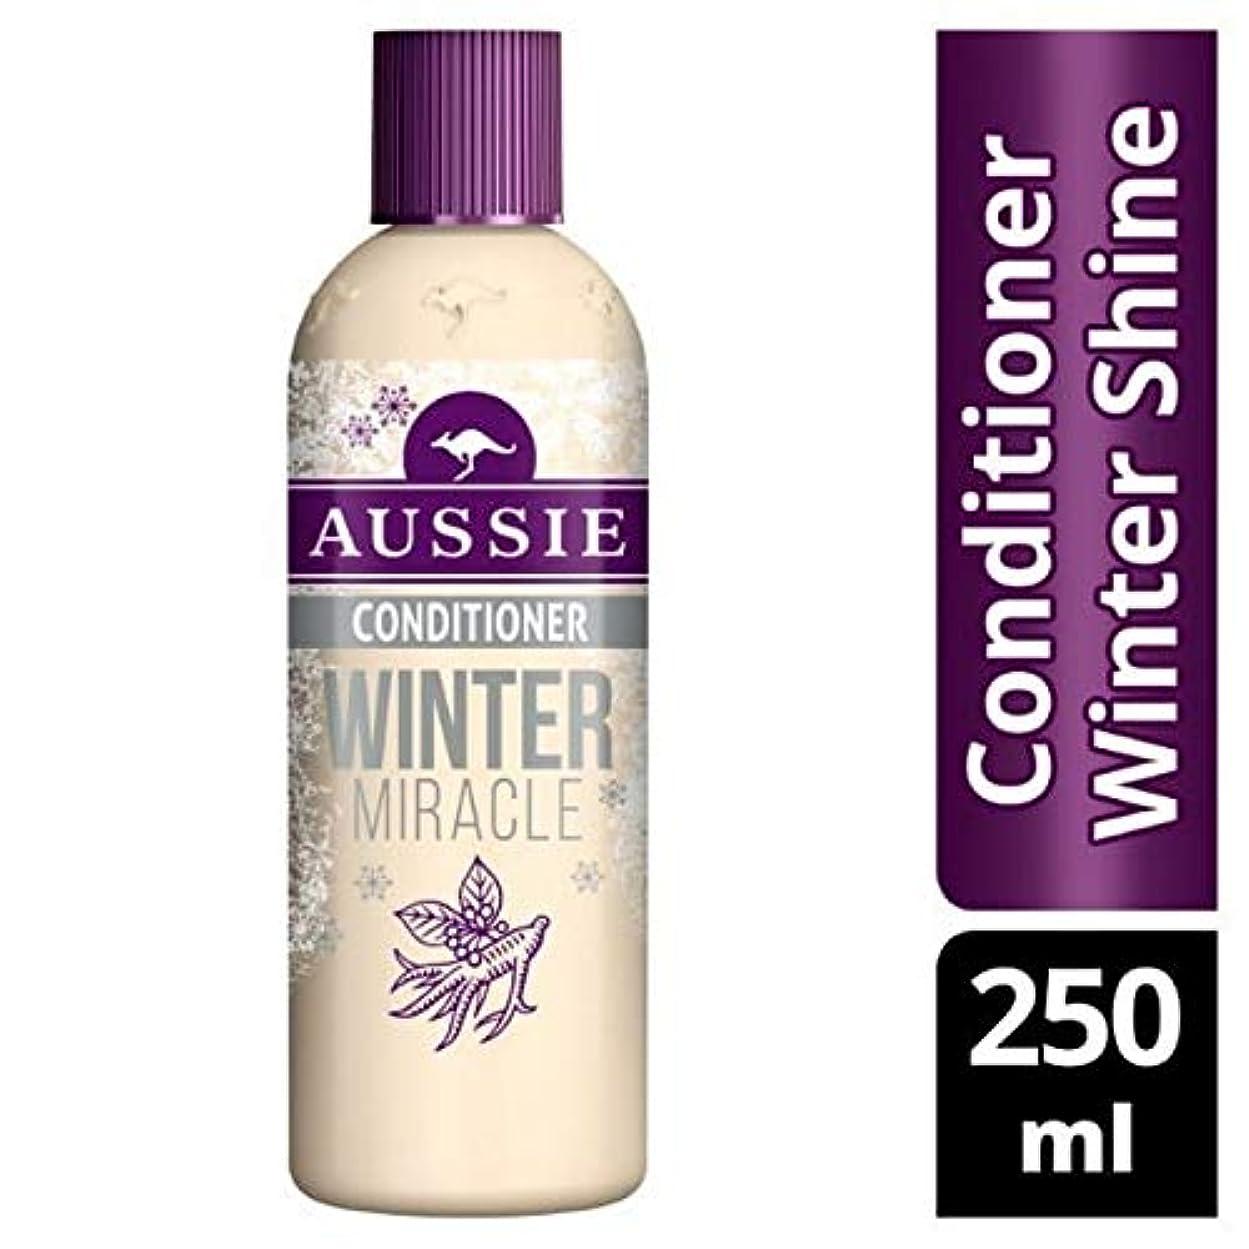 フィクションテレックス叙情的な[Aussie ] 鈍い、疲れた髪の250ミリリットルのためのオーストラリアコンディショナー冬の奇跡 - Aussie Conditioner Winter Miracle For Dull, Tired Hair 250ml...